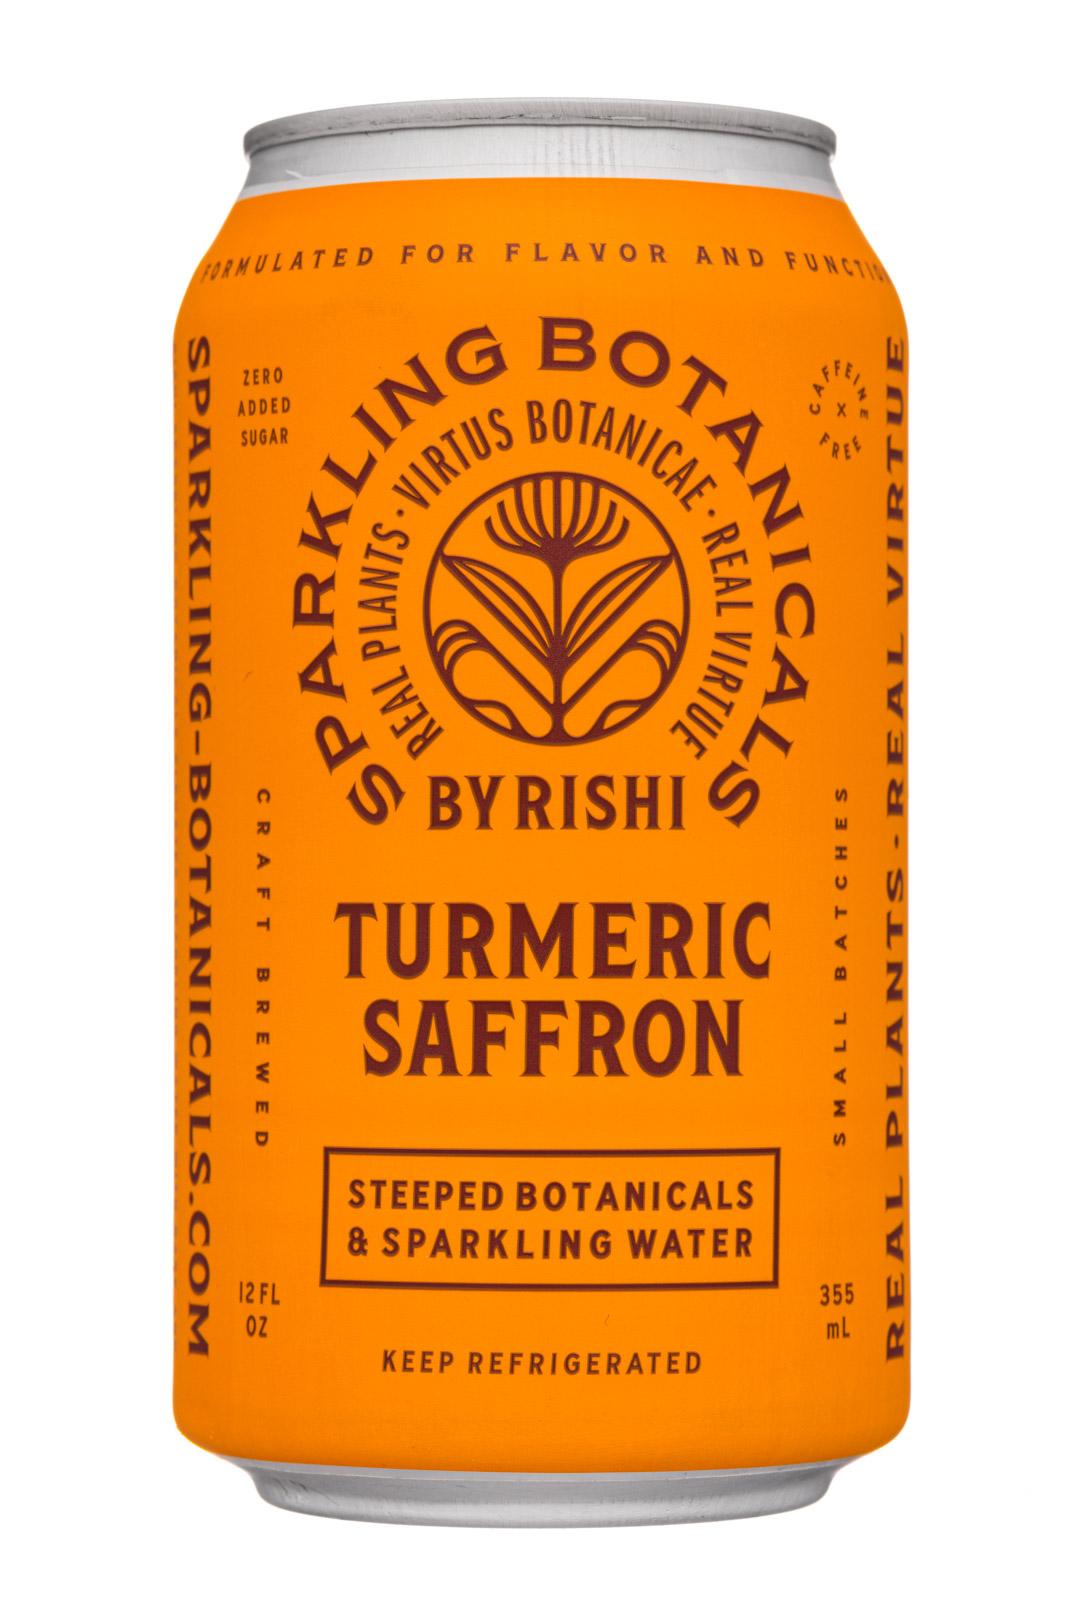 Turmeric Saffron